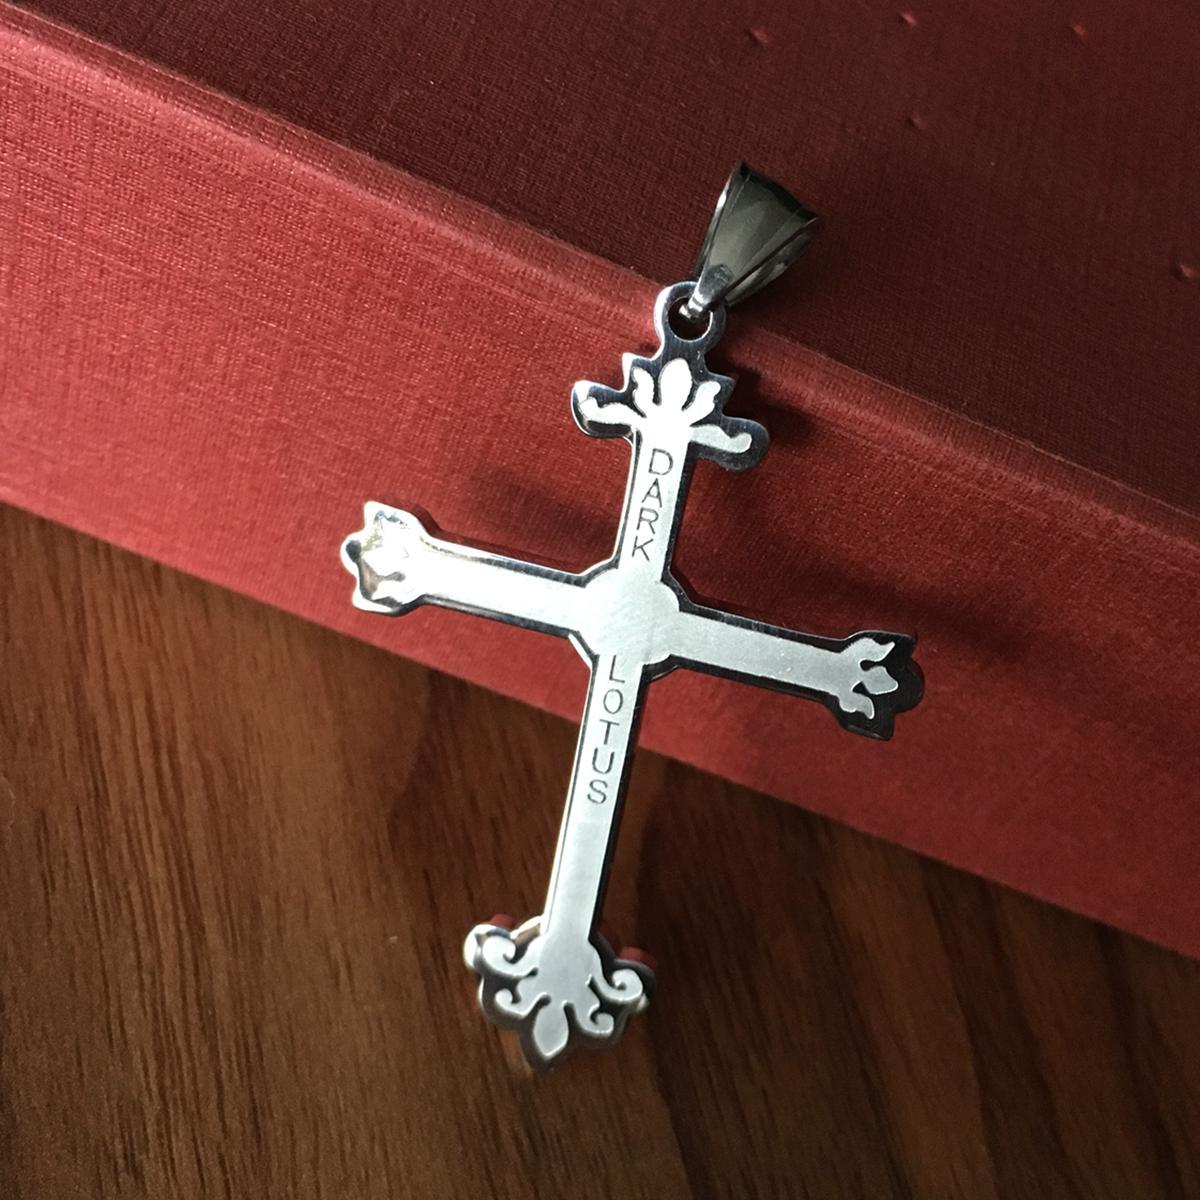 croce in loto scuro GRANDE charms juggalo alti 2,5 pollici ICP twiztid LARGE GRANDI brillanti charm CHARM ICP HATCHET